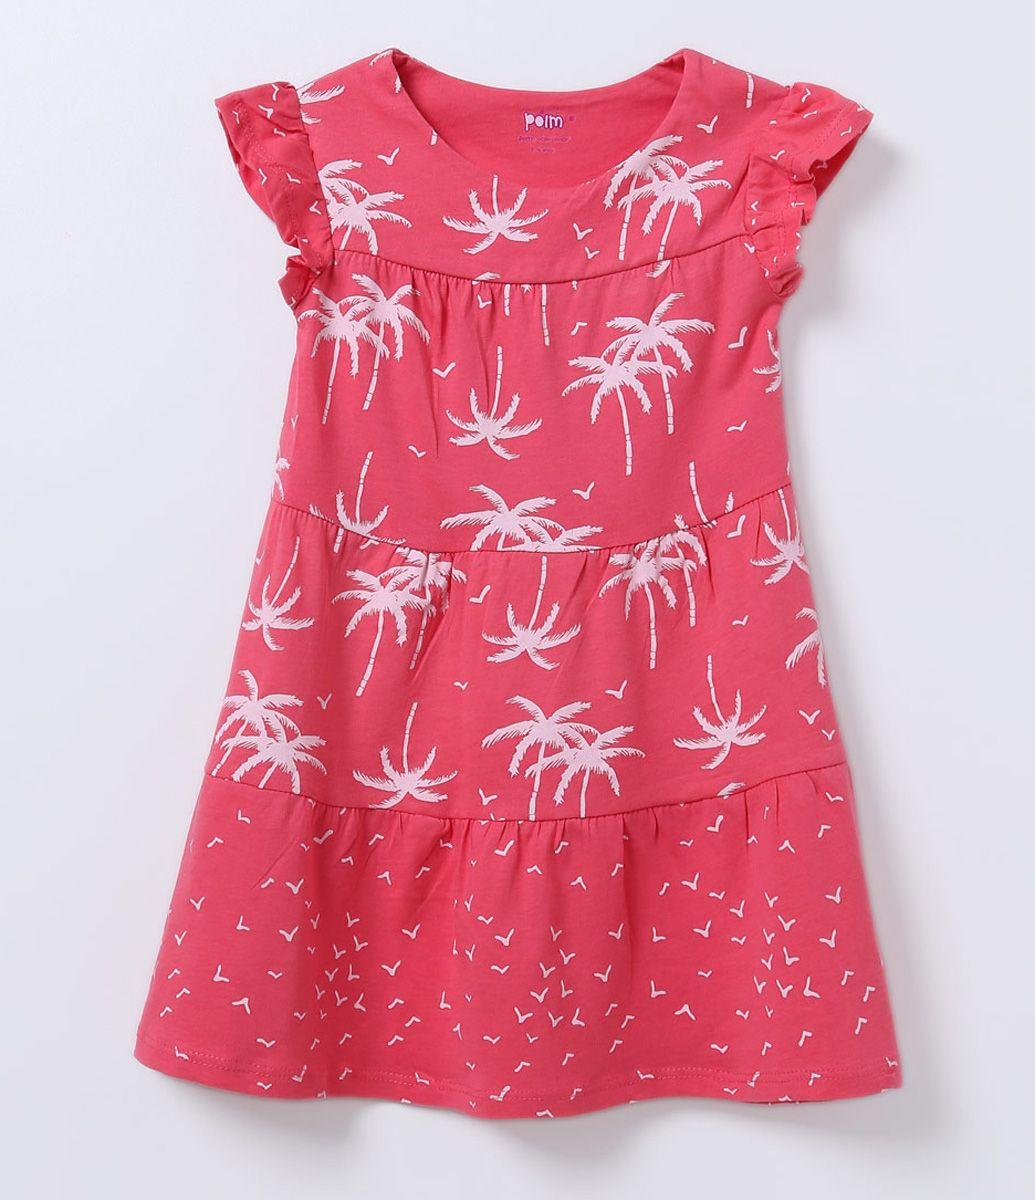 66800e0460 Vestido Infantil Marias - Tam 1 a 4 anos - Lojas Renner